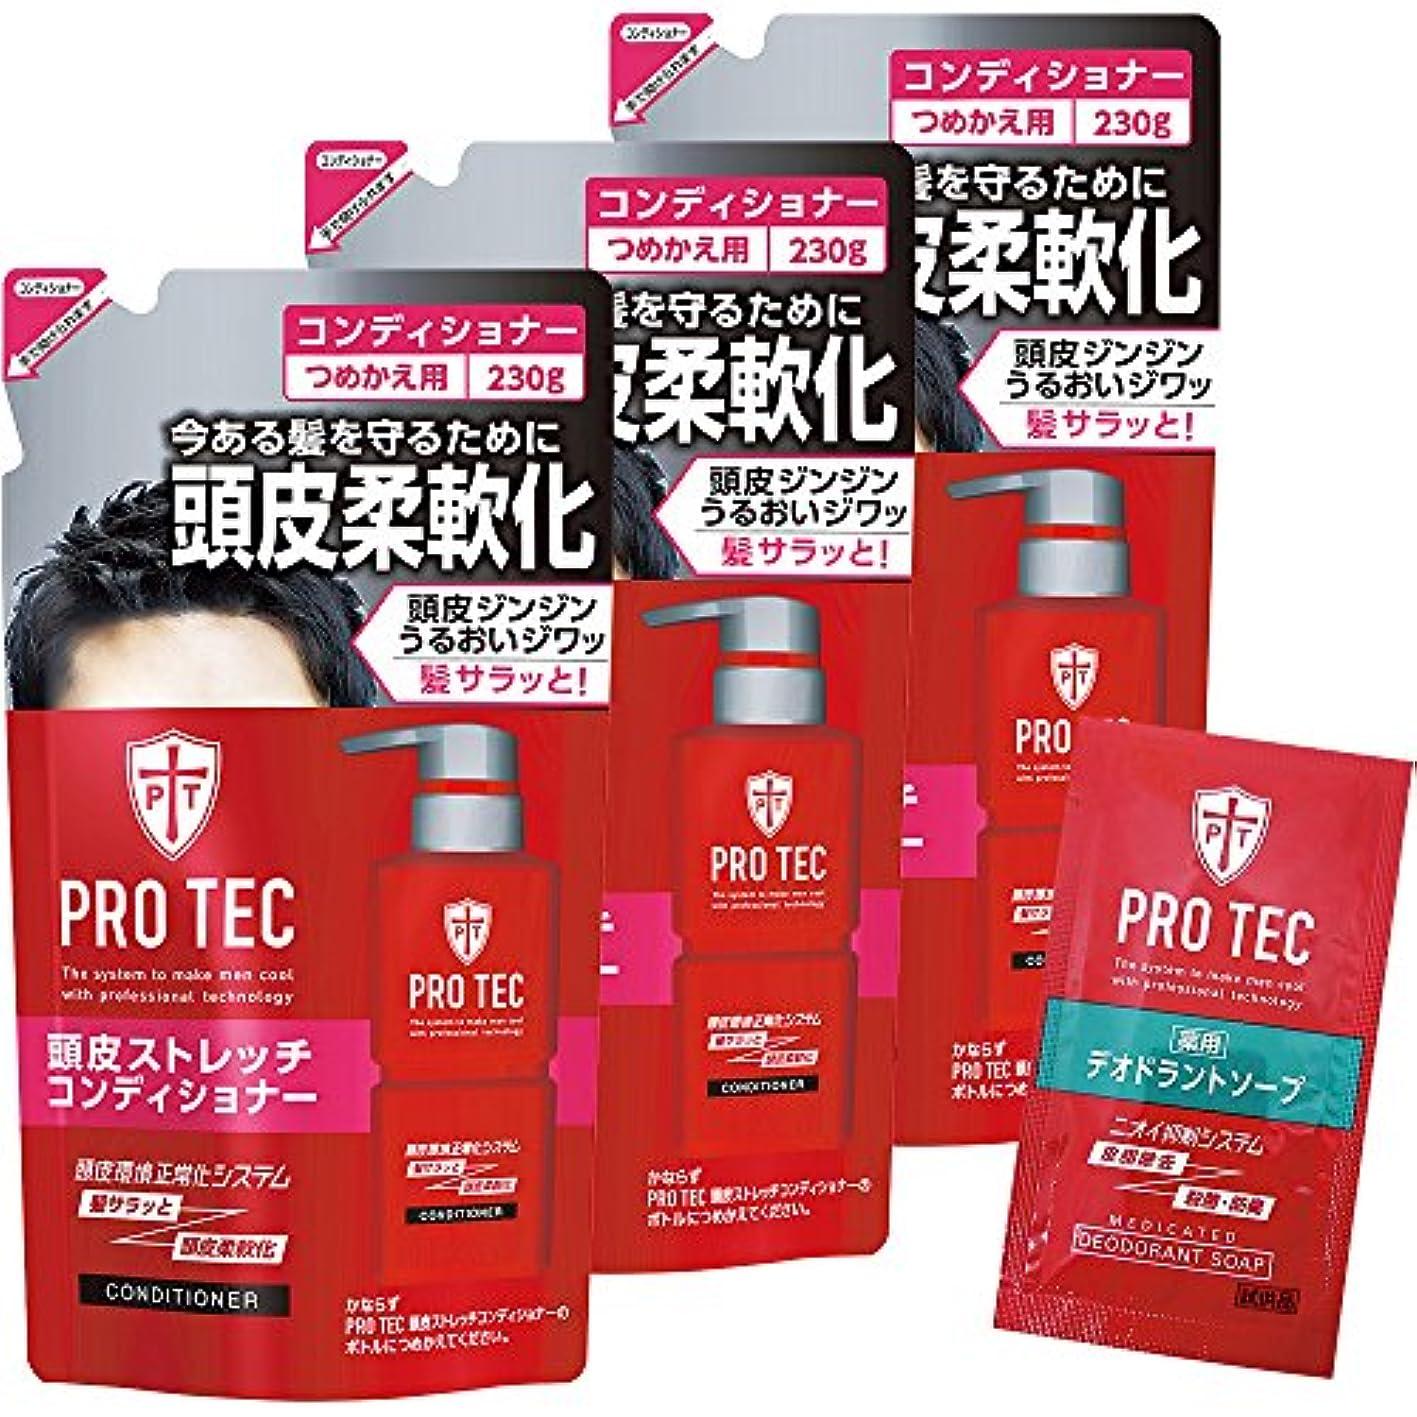 不快バイソン時計【Amazon.co.jp限定】PRO TEC(プロテク) 頭皮ストレッチ コンディショナー 詰め替え 230g×3個パック+デオドラントソープ1回分付(医薬部外品)